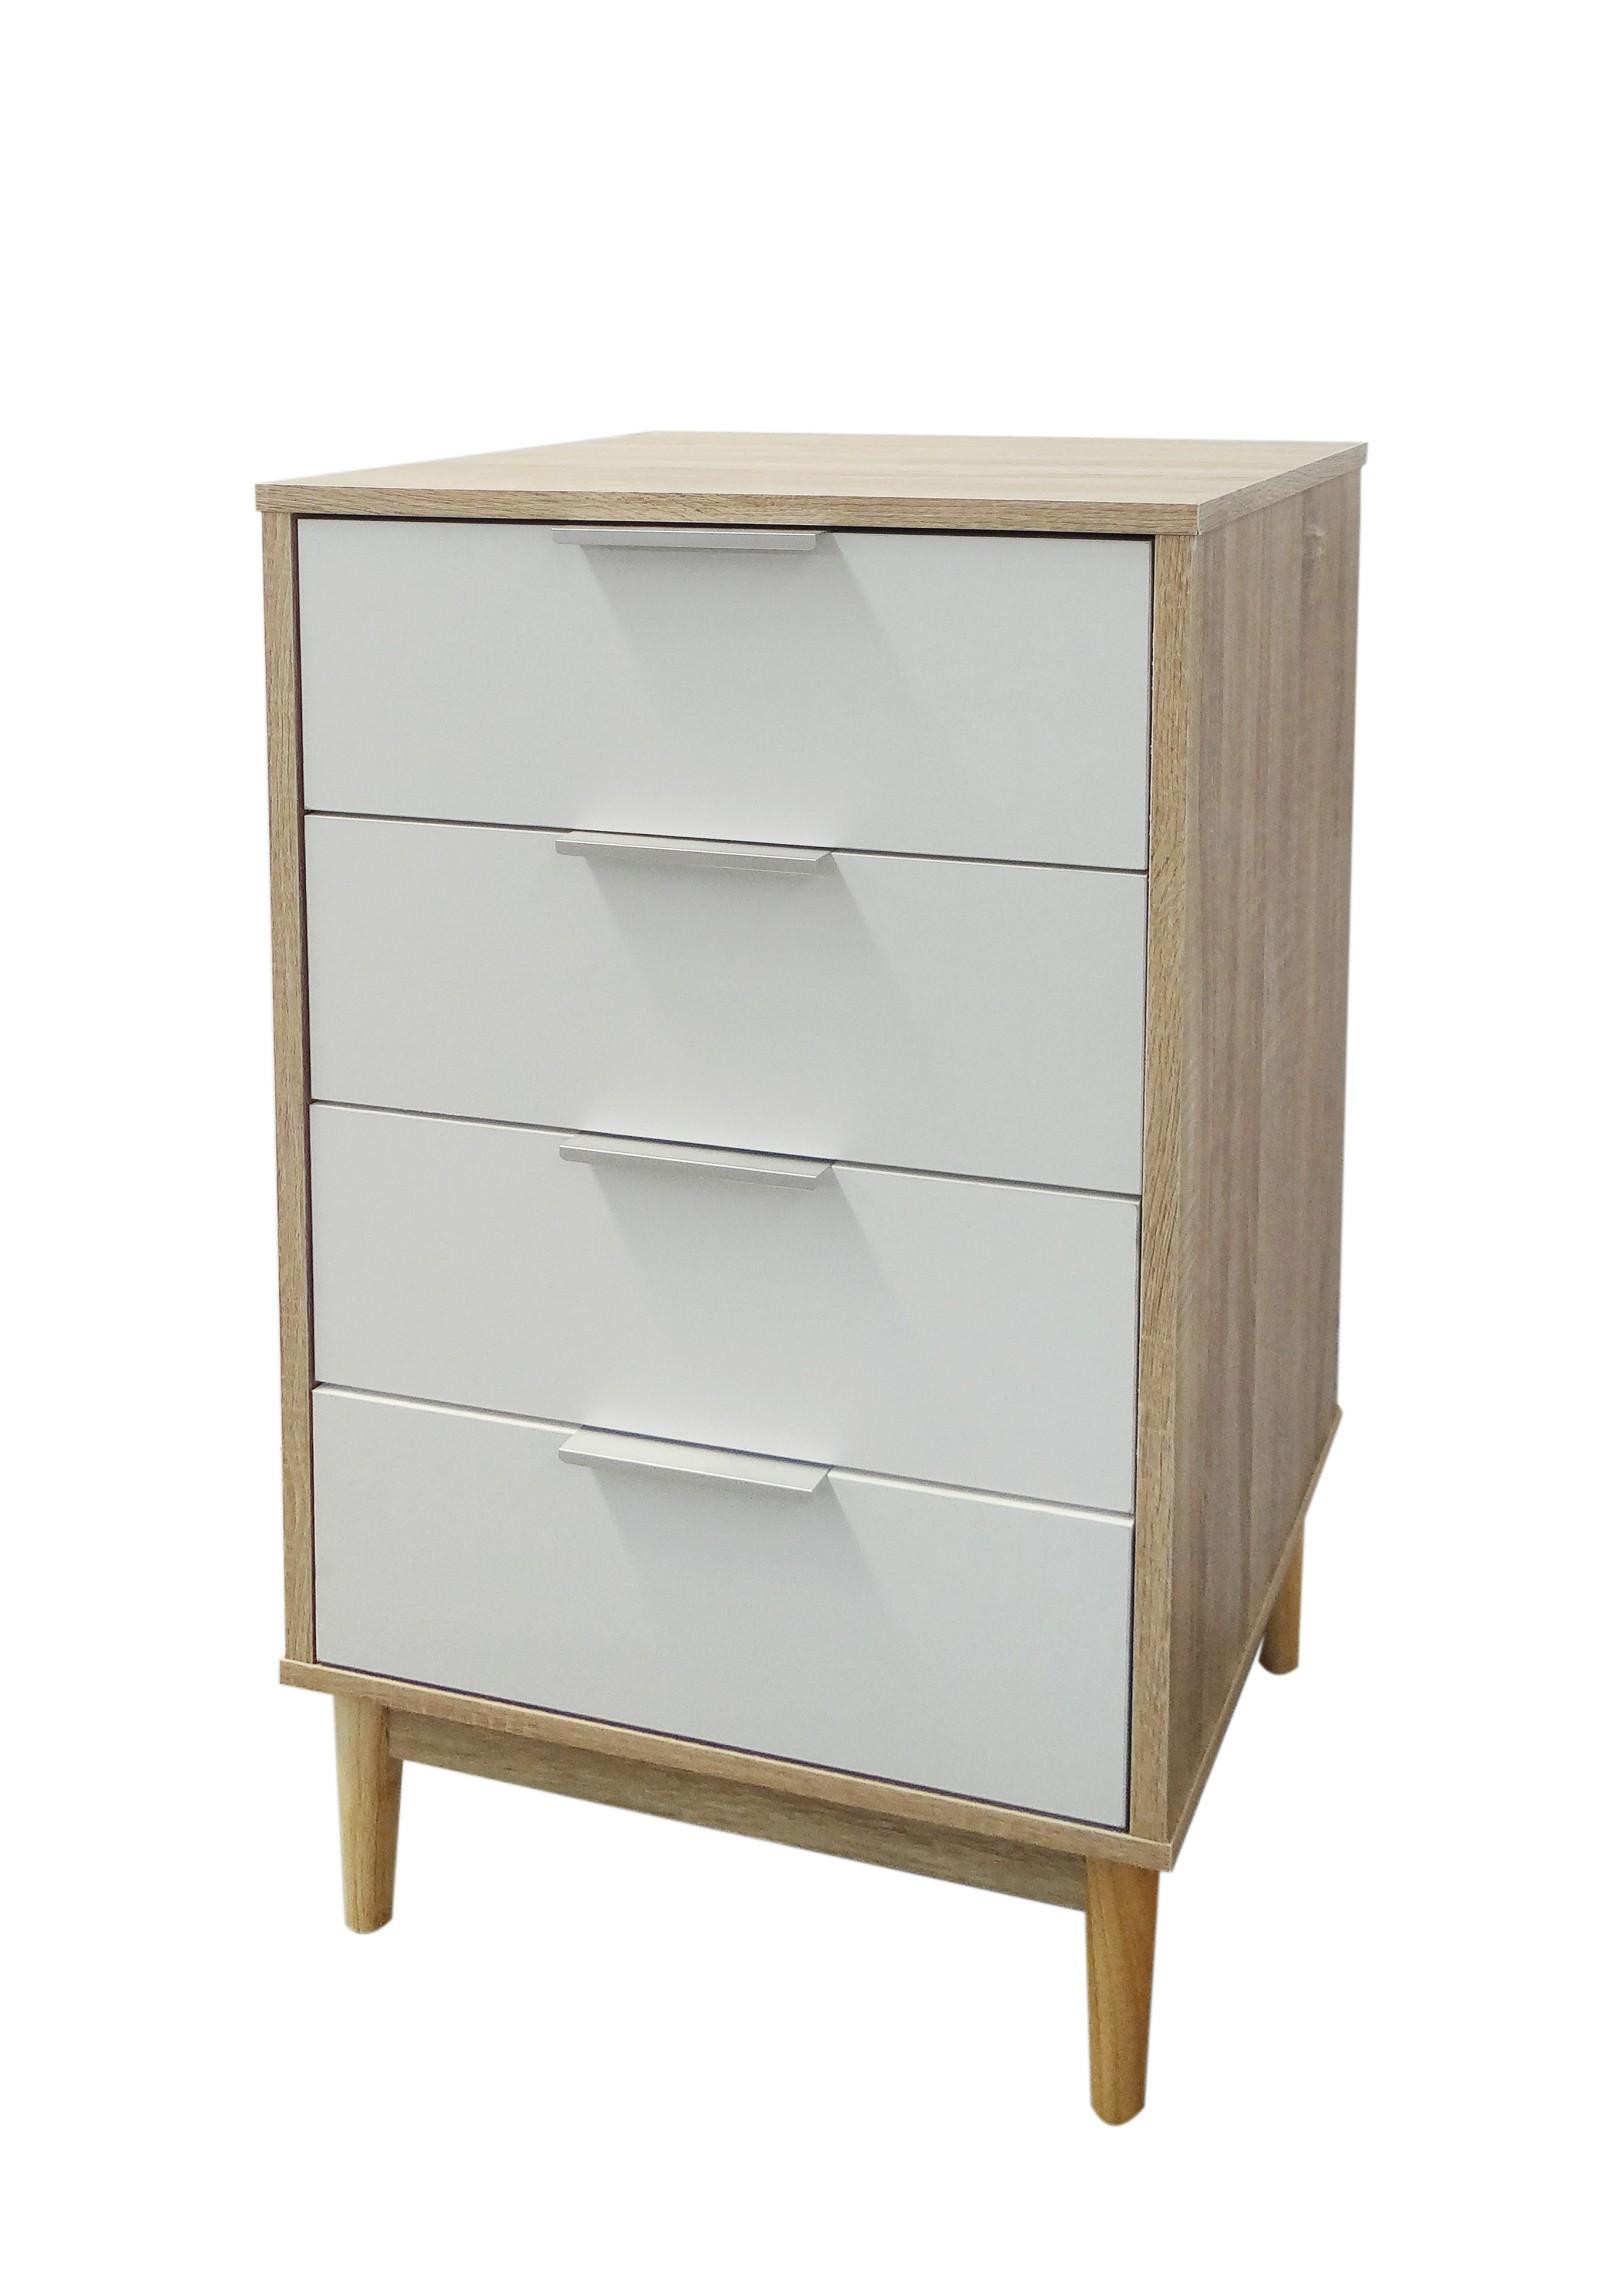 beco schubladenschrank sideboard schubladen kommode. Black Bedroom Furniture Sets. Home Design Ideas